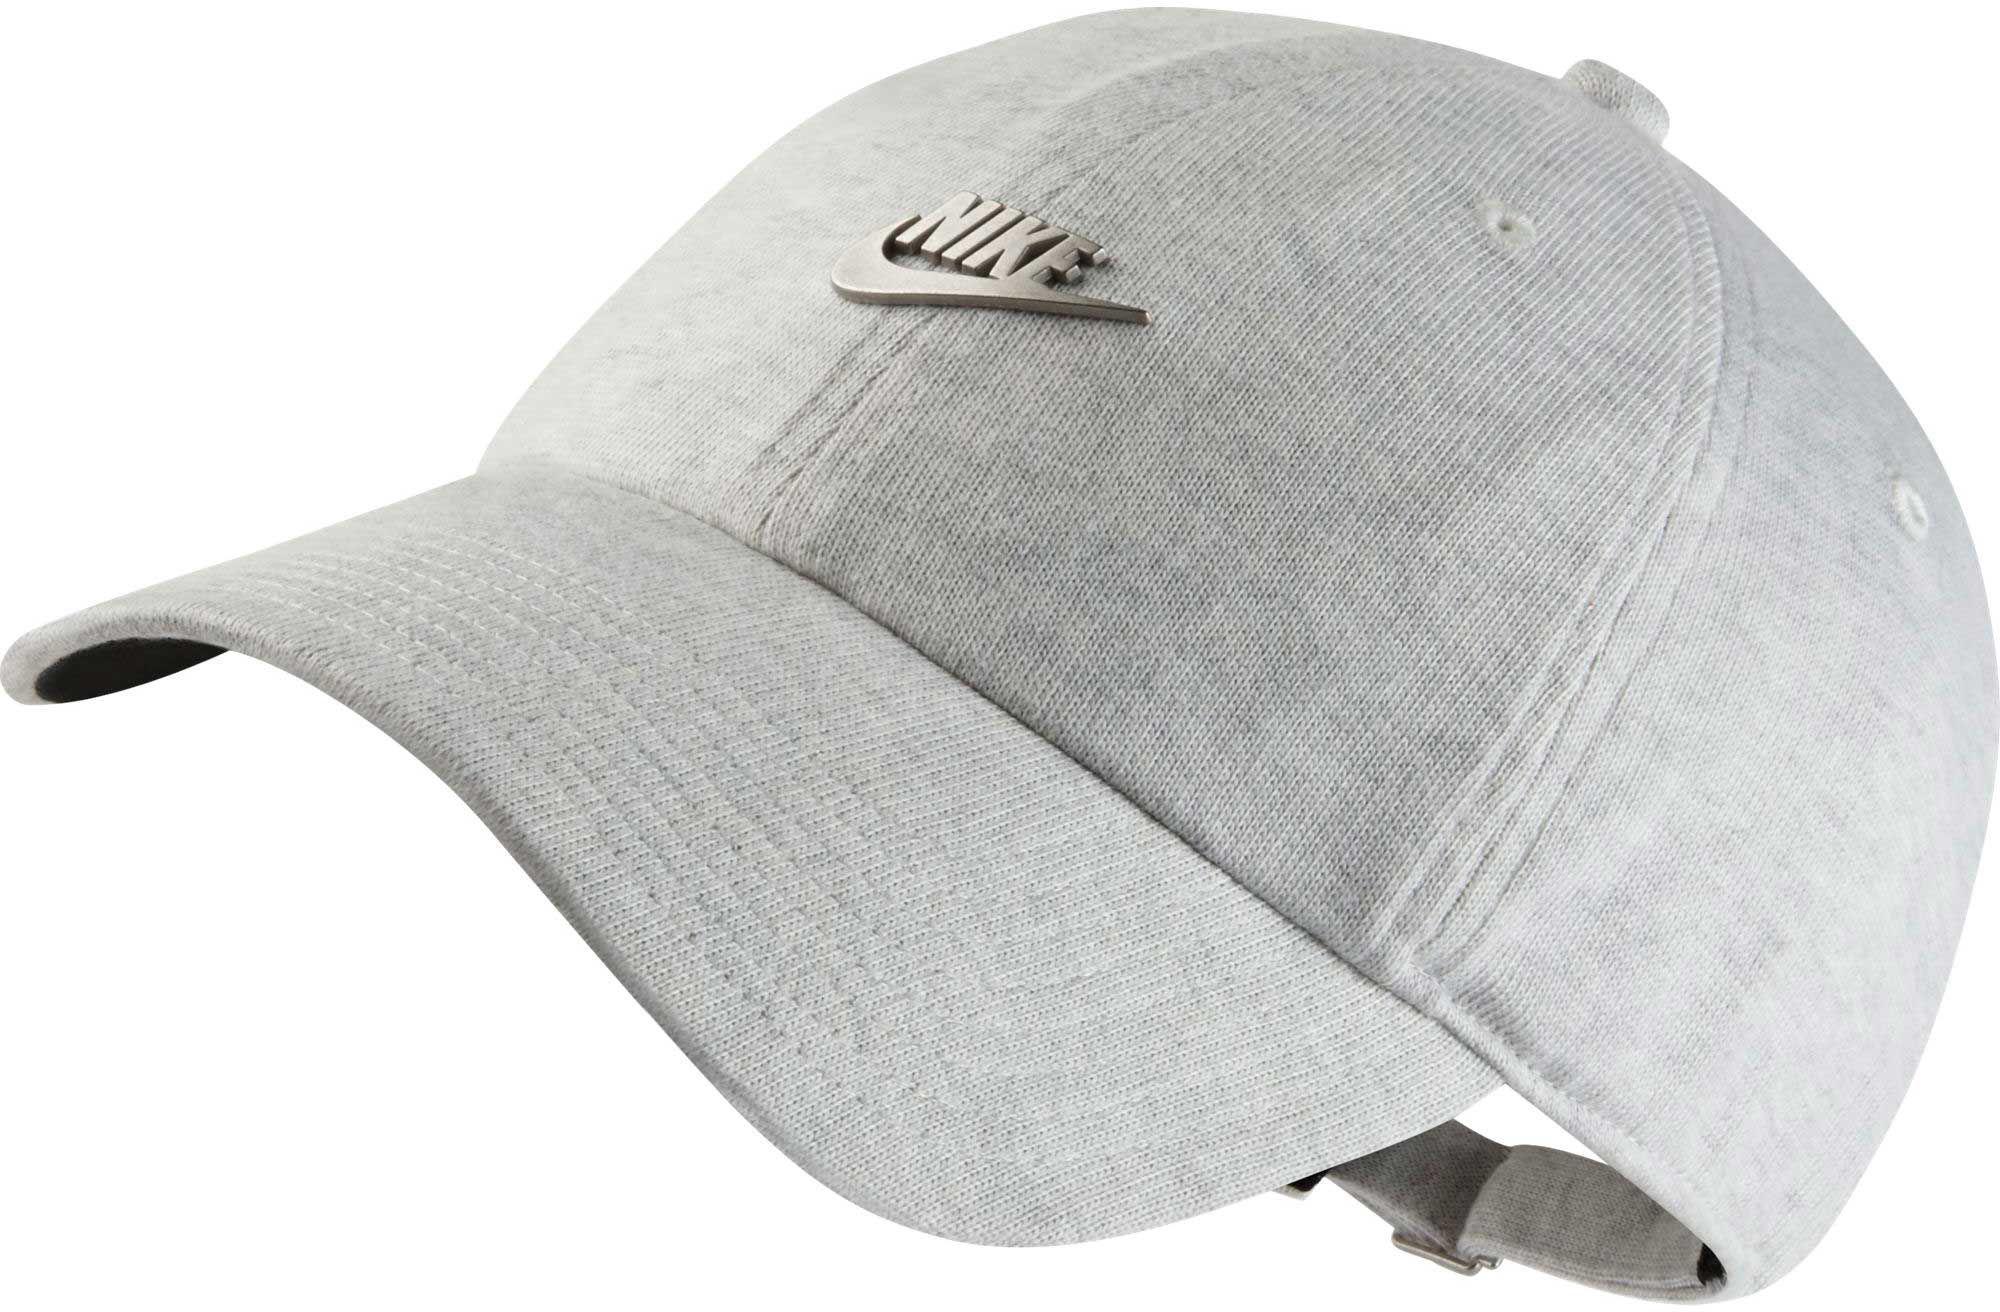 Lyst - Nike Sportswear Heritage86 Metal Futura Training Cap in Gray ... 79ebc5b7ea71